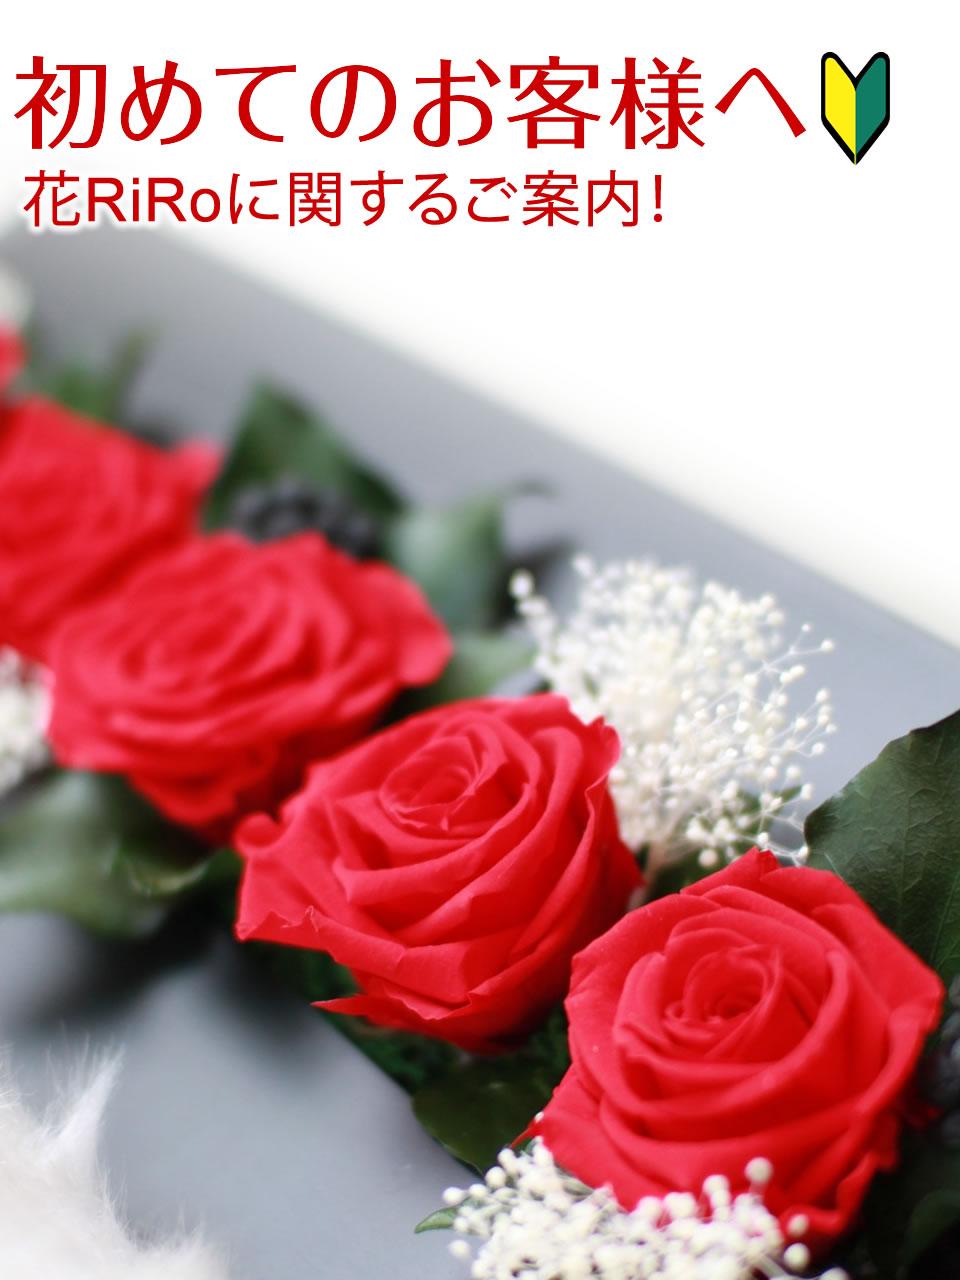 花屋-フラワーギフト-インターネット宅配花屋さん花RiRo-初めてのお客様